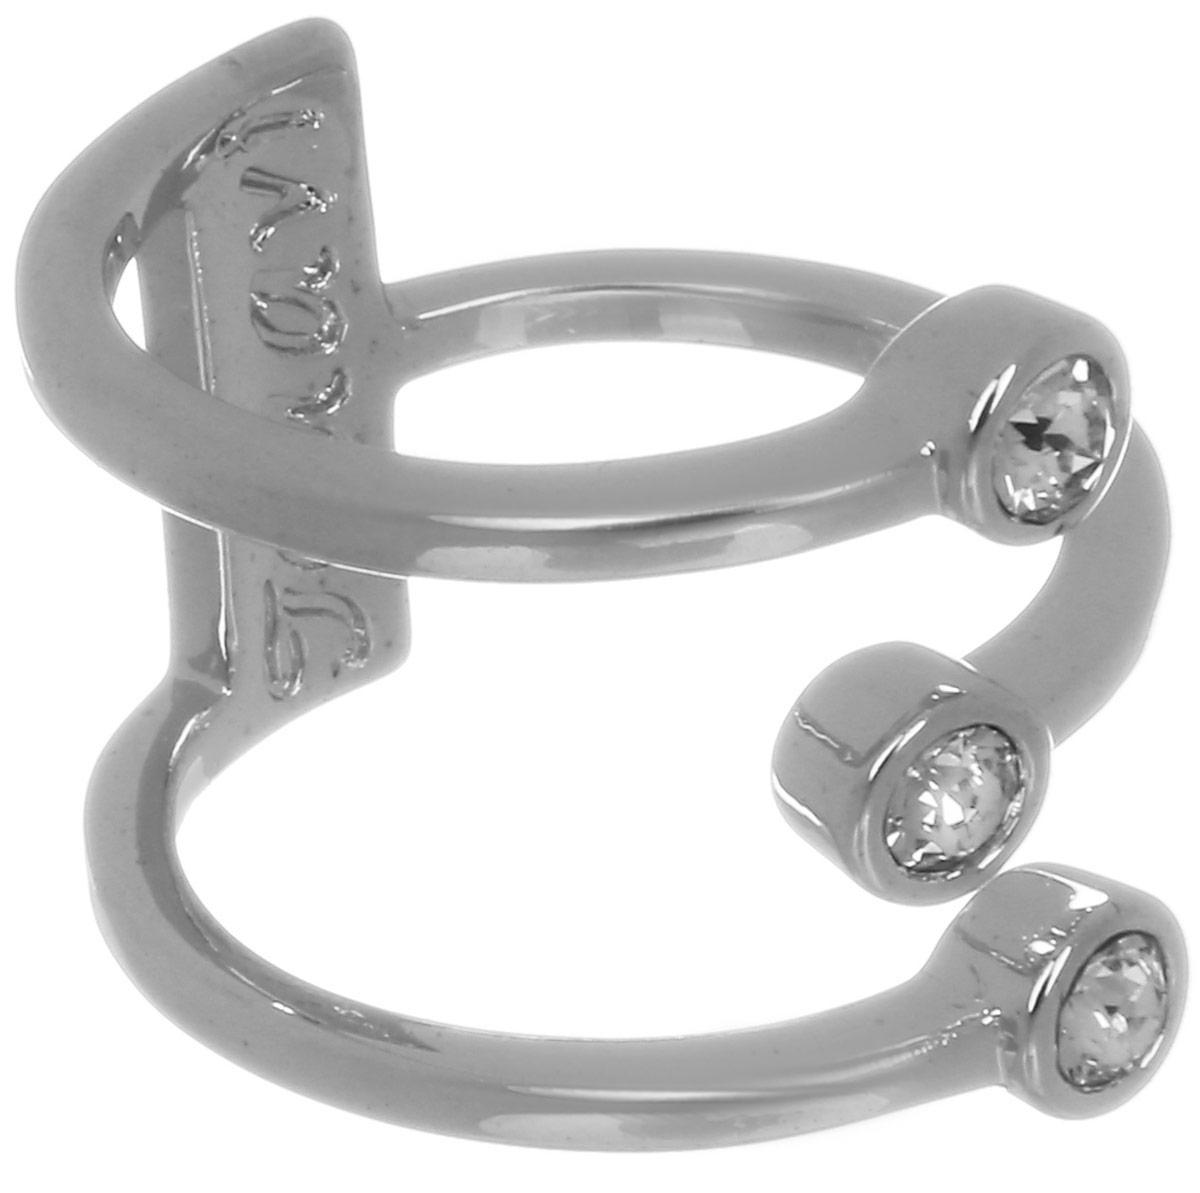 Jenavi, Коллекция Триада, Тримурти (Кольцо), цвет - серебряный, белый, размер - 18f696f000Коллекция Триада, Тримурти (Кольцо) гипоаллергенный ювелирный сплав,Серебрение c род. , вставка Кристаллы Swarovski , цвет - серебряный, белый, размер - 18